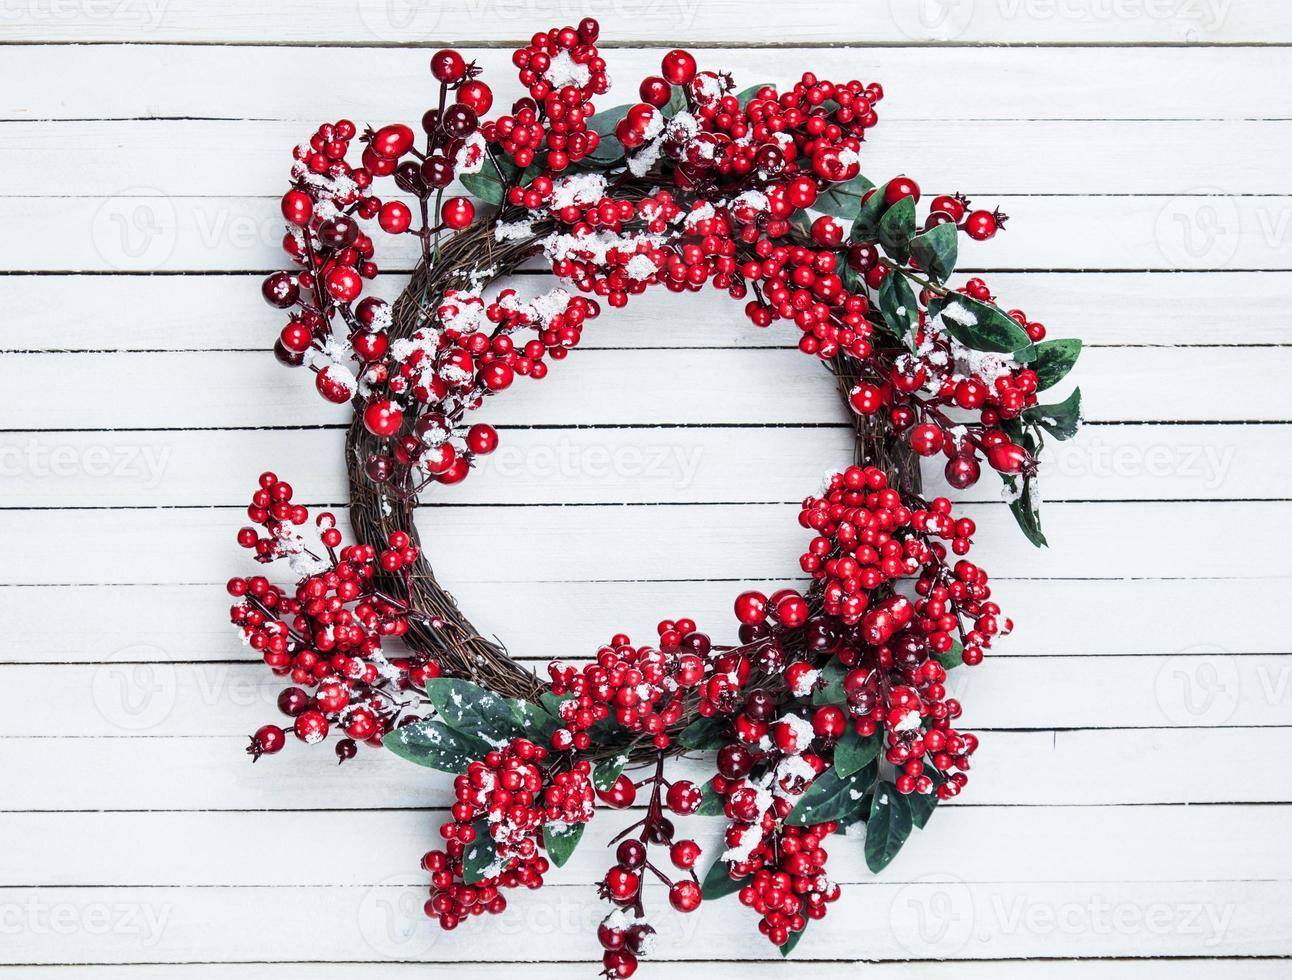 kerstkrans op een houten achtergrond foto